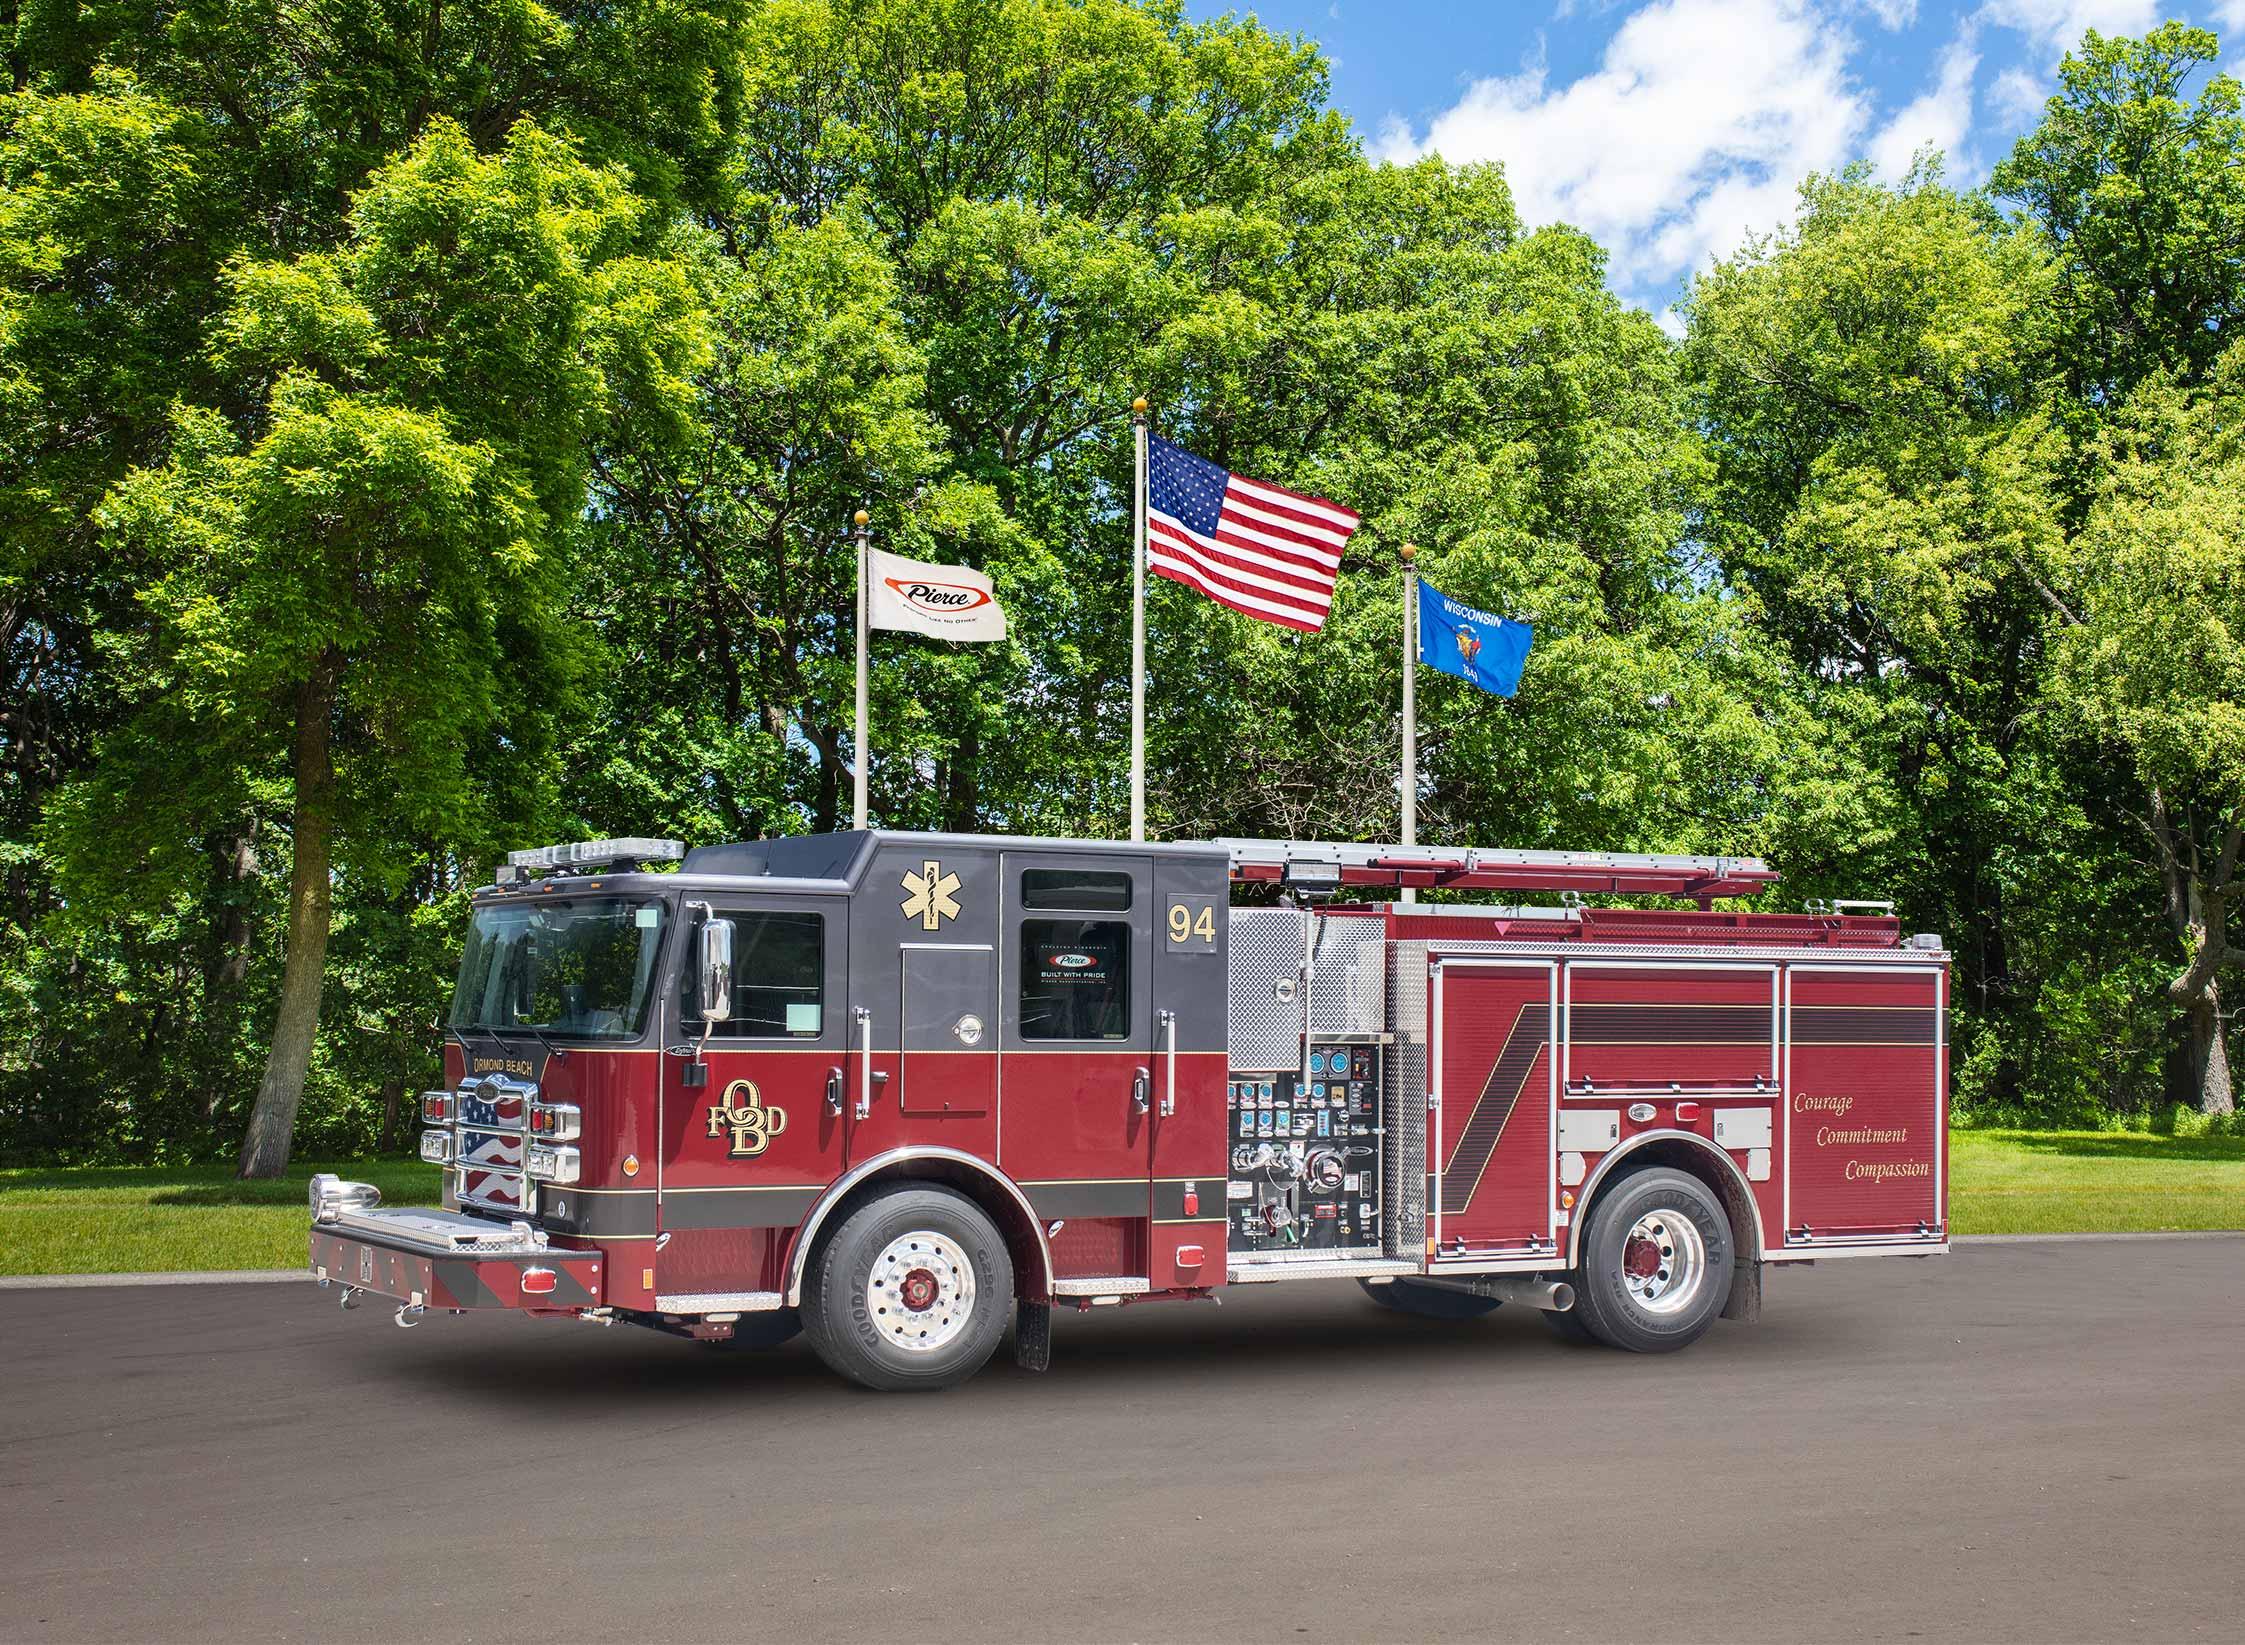 Ormond Beach Fire Department - Pumper